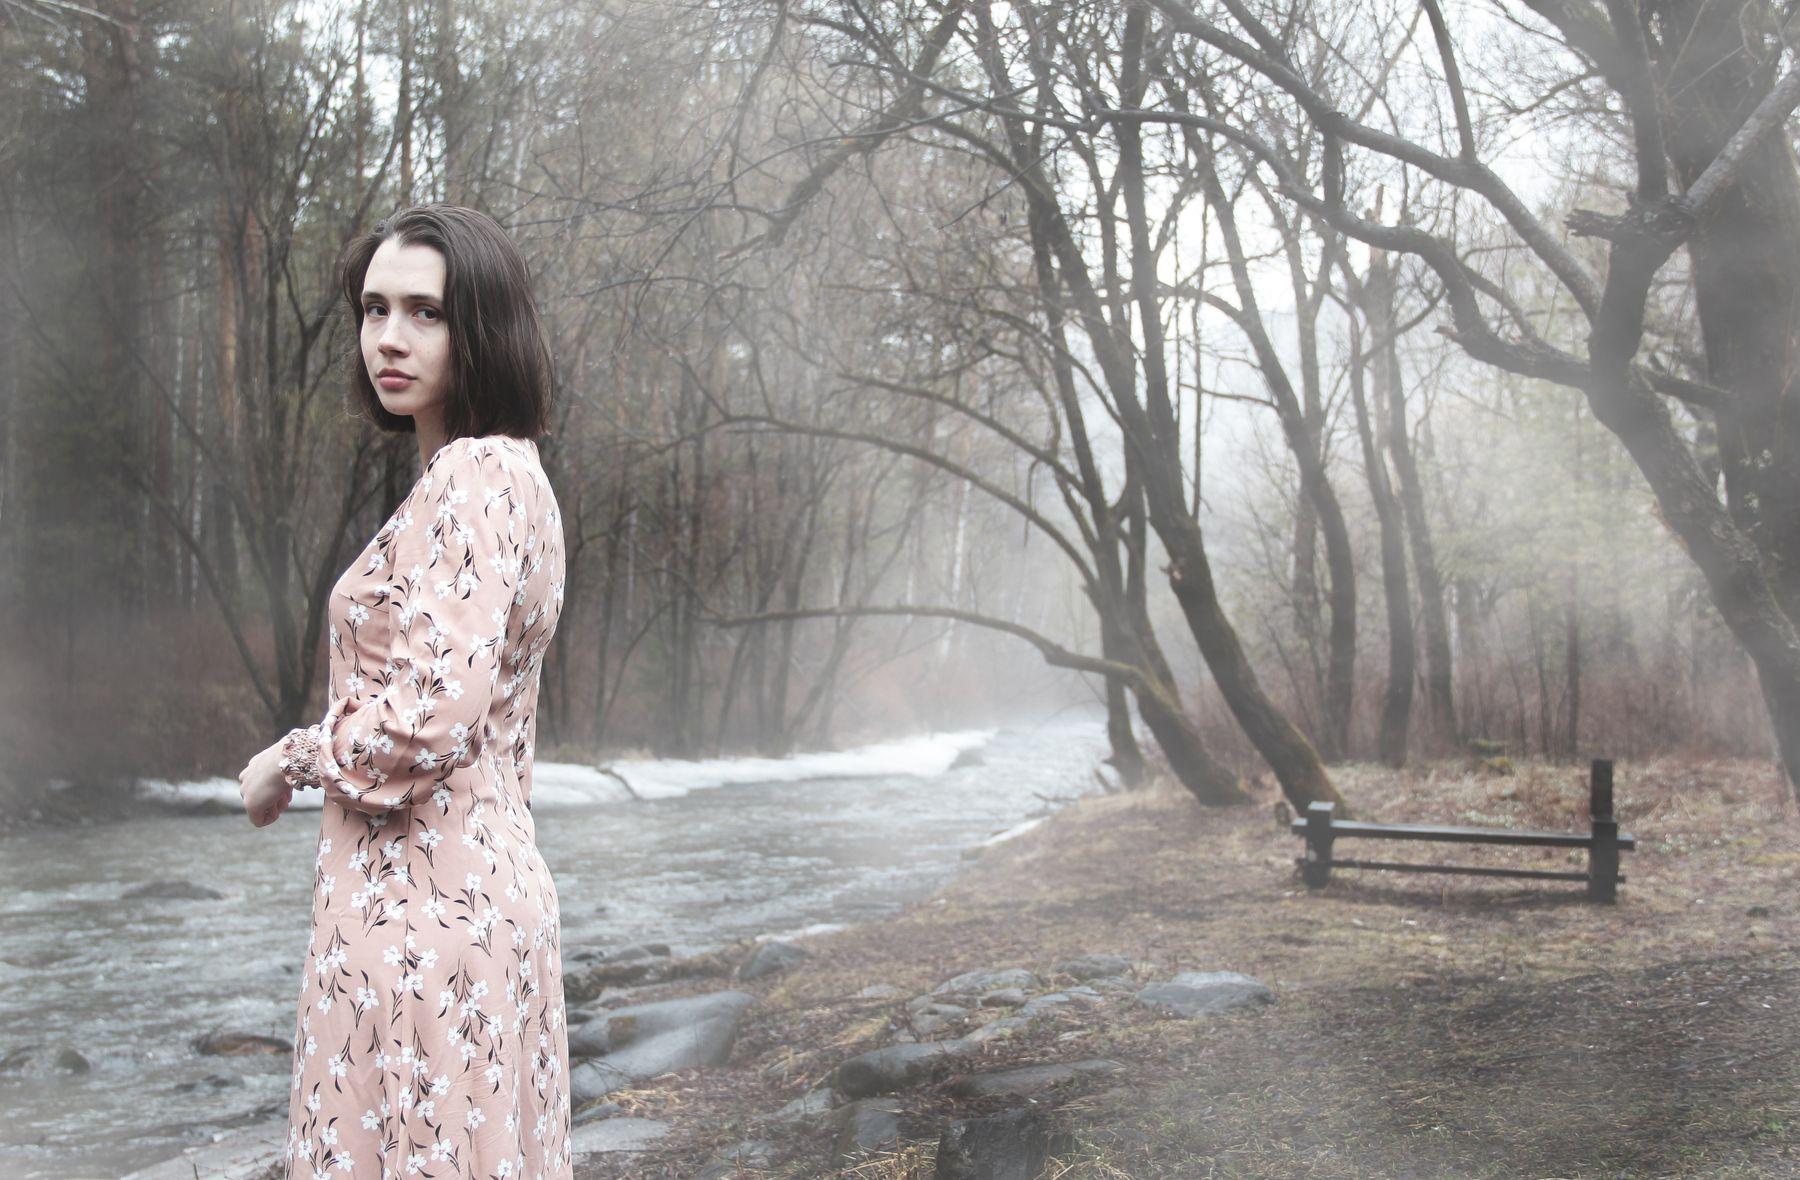 Она пишет стихи туман река стихи меланхолия